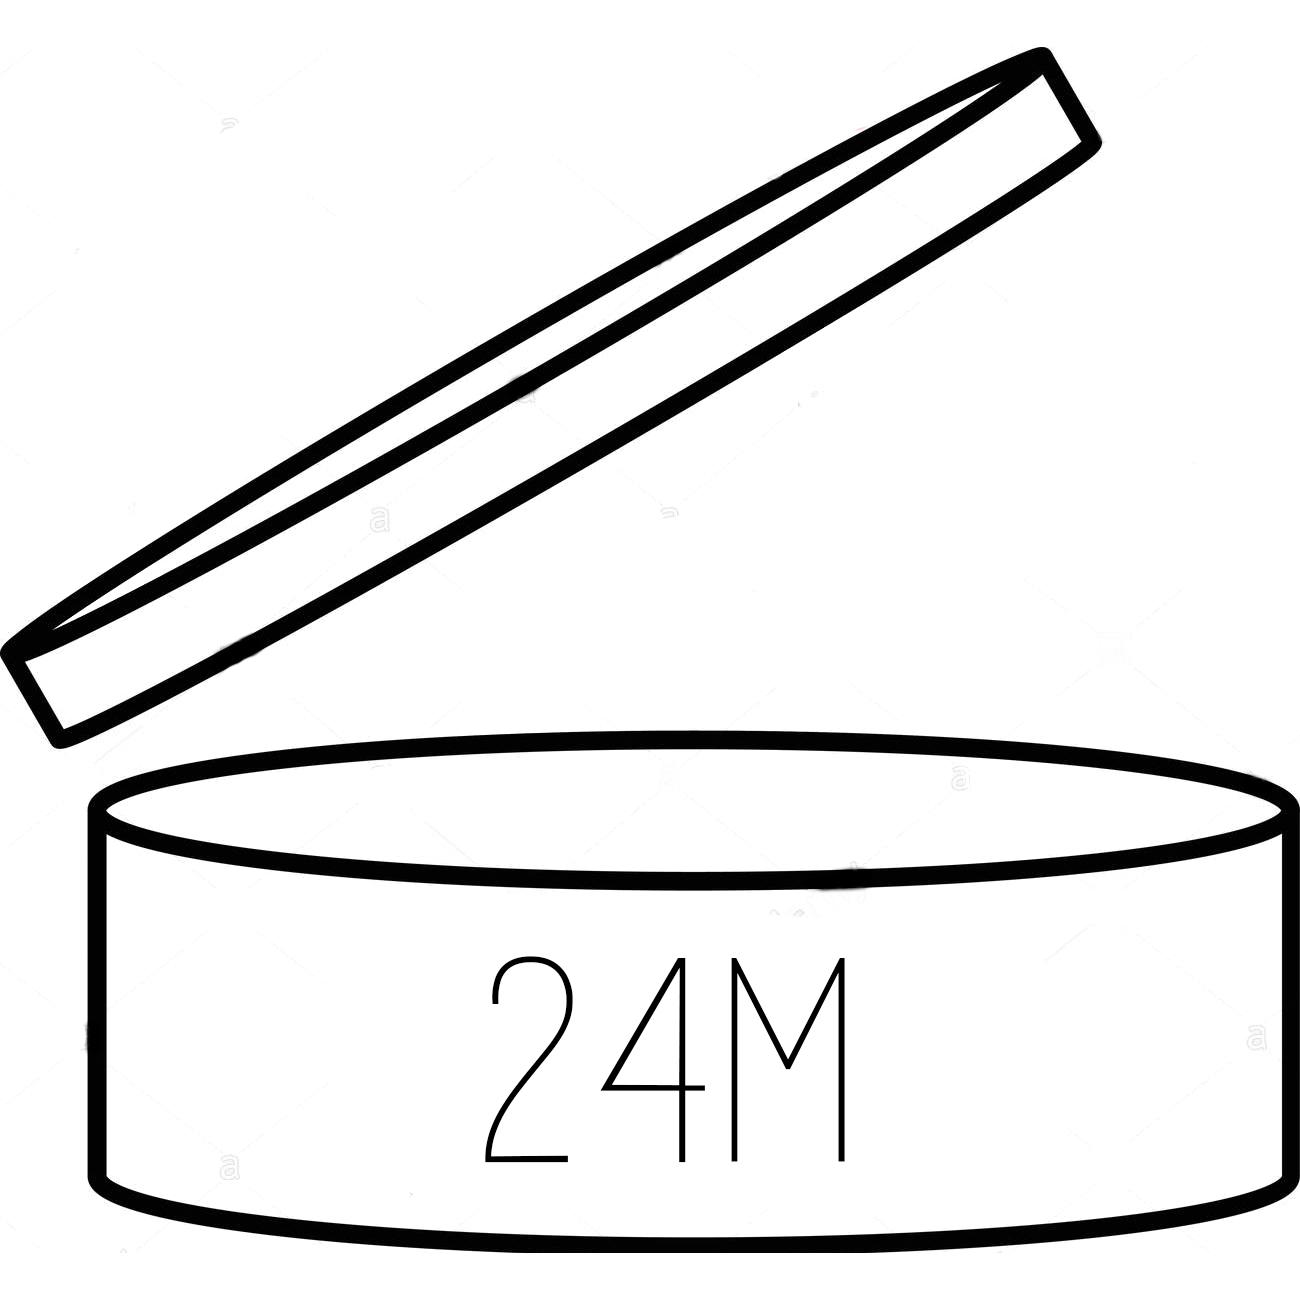 pao 24m